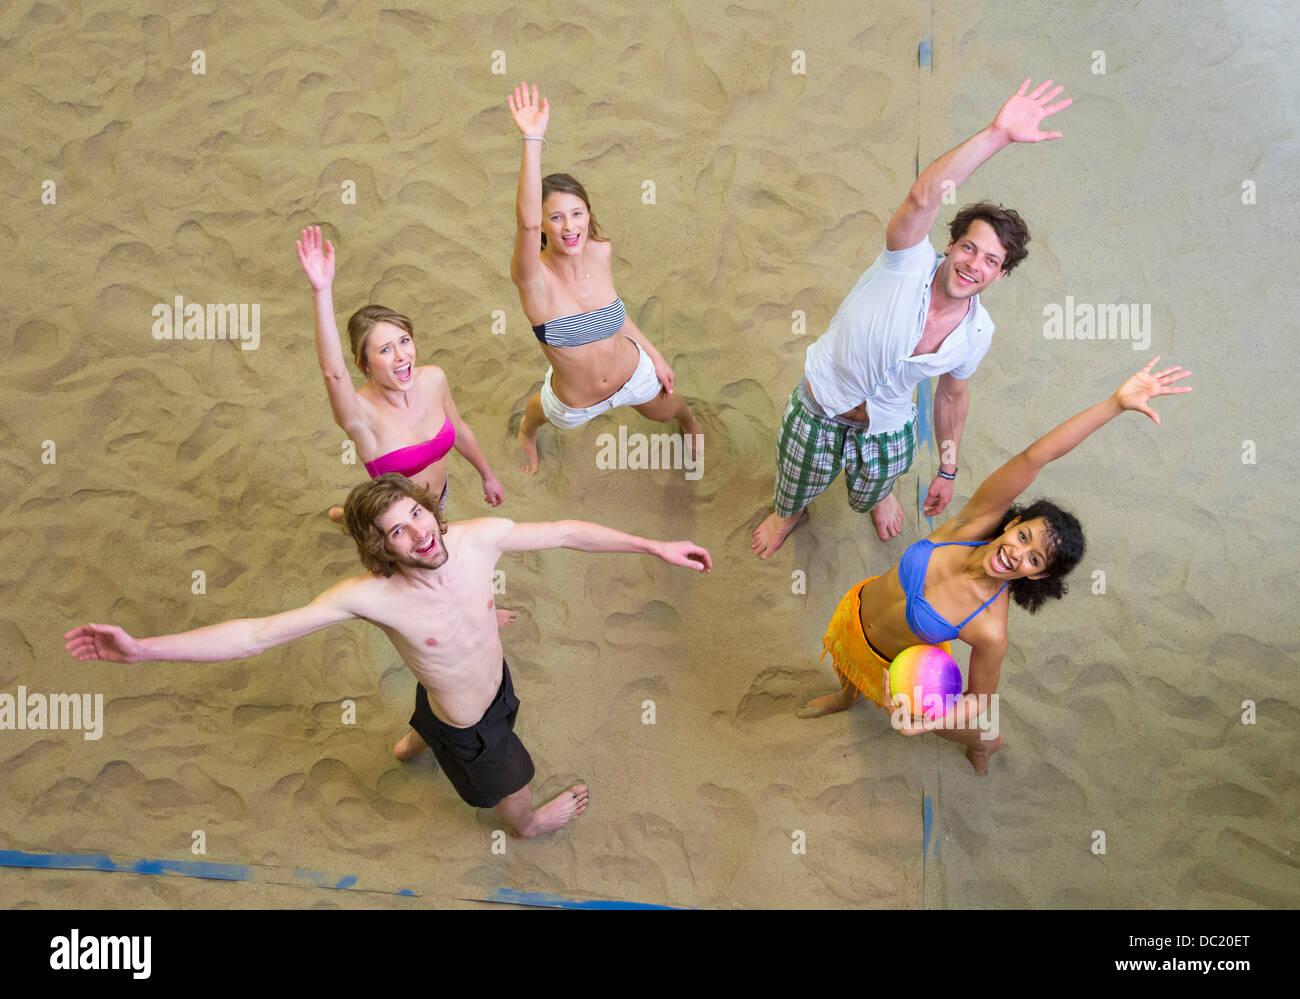 Luftaufnahme von Freunden winken indoor Beach-volleyball Stockbild